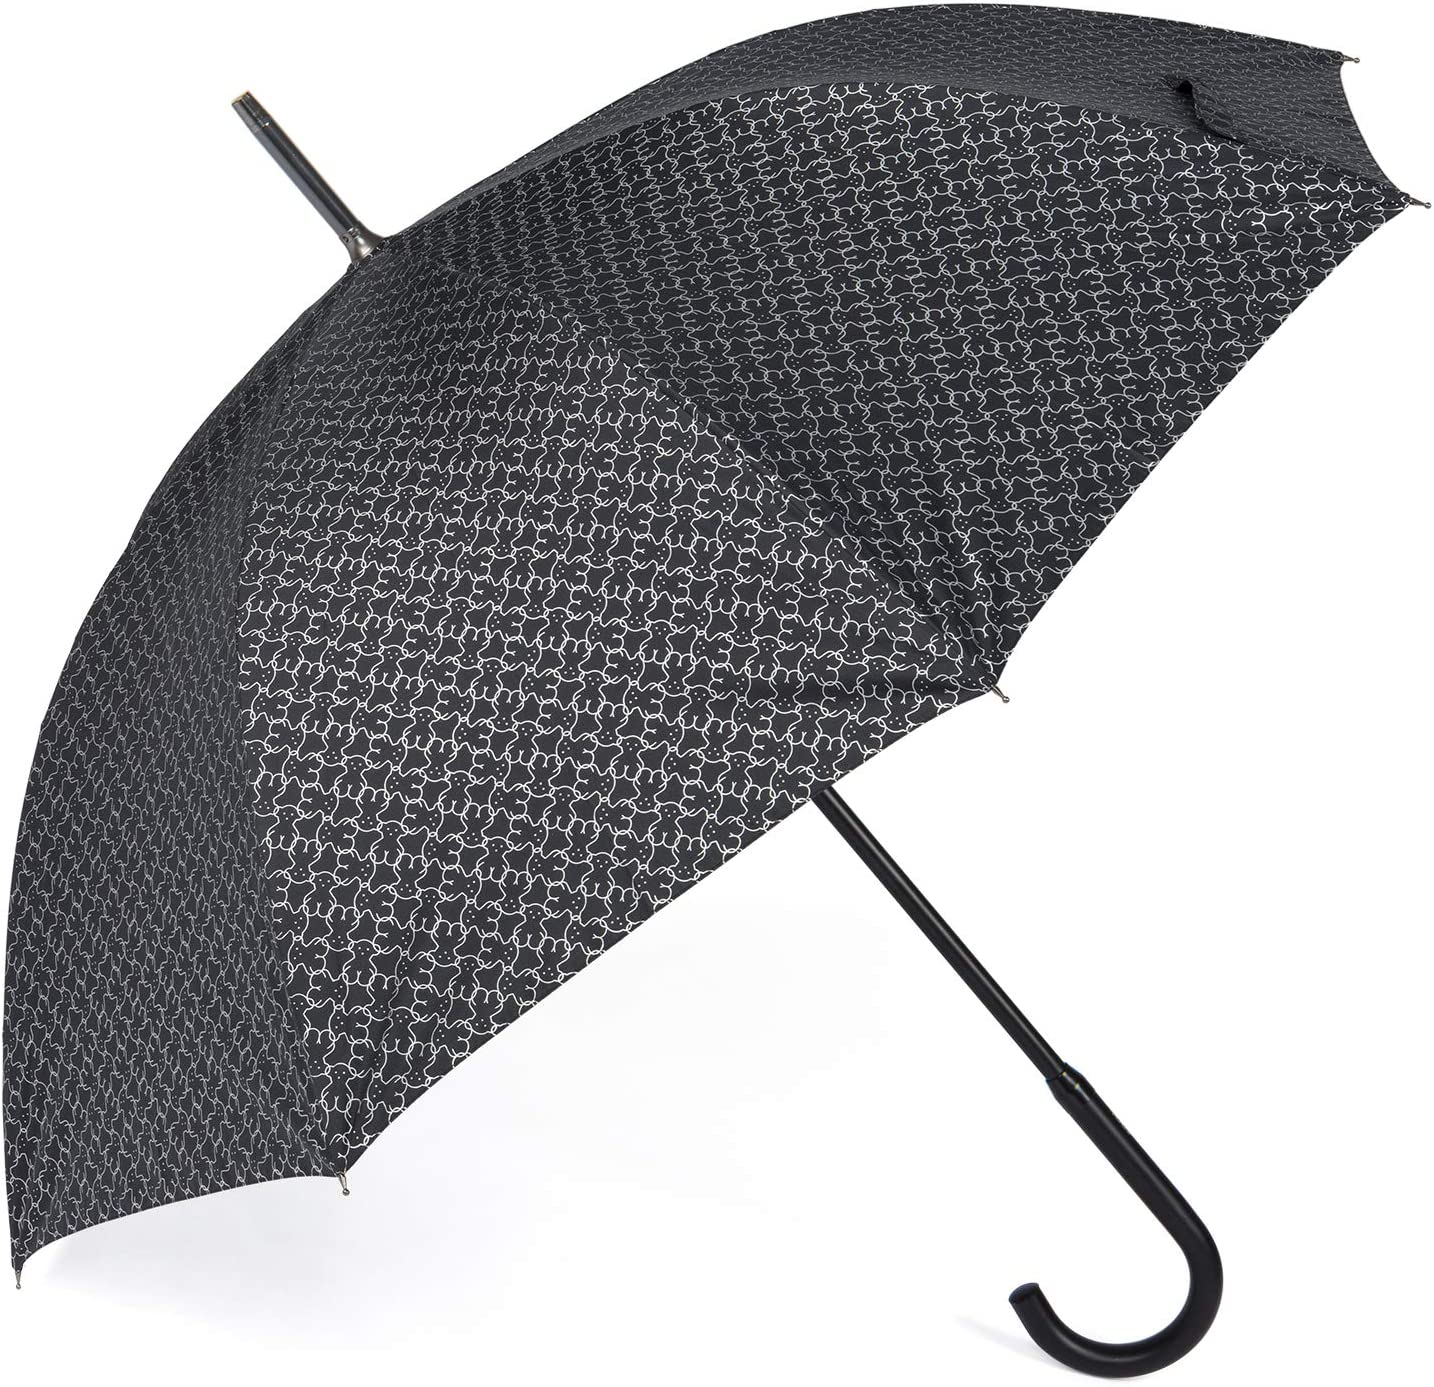 Paraguas Tous grande Milosos negro: Amazon.es: Equipaje